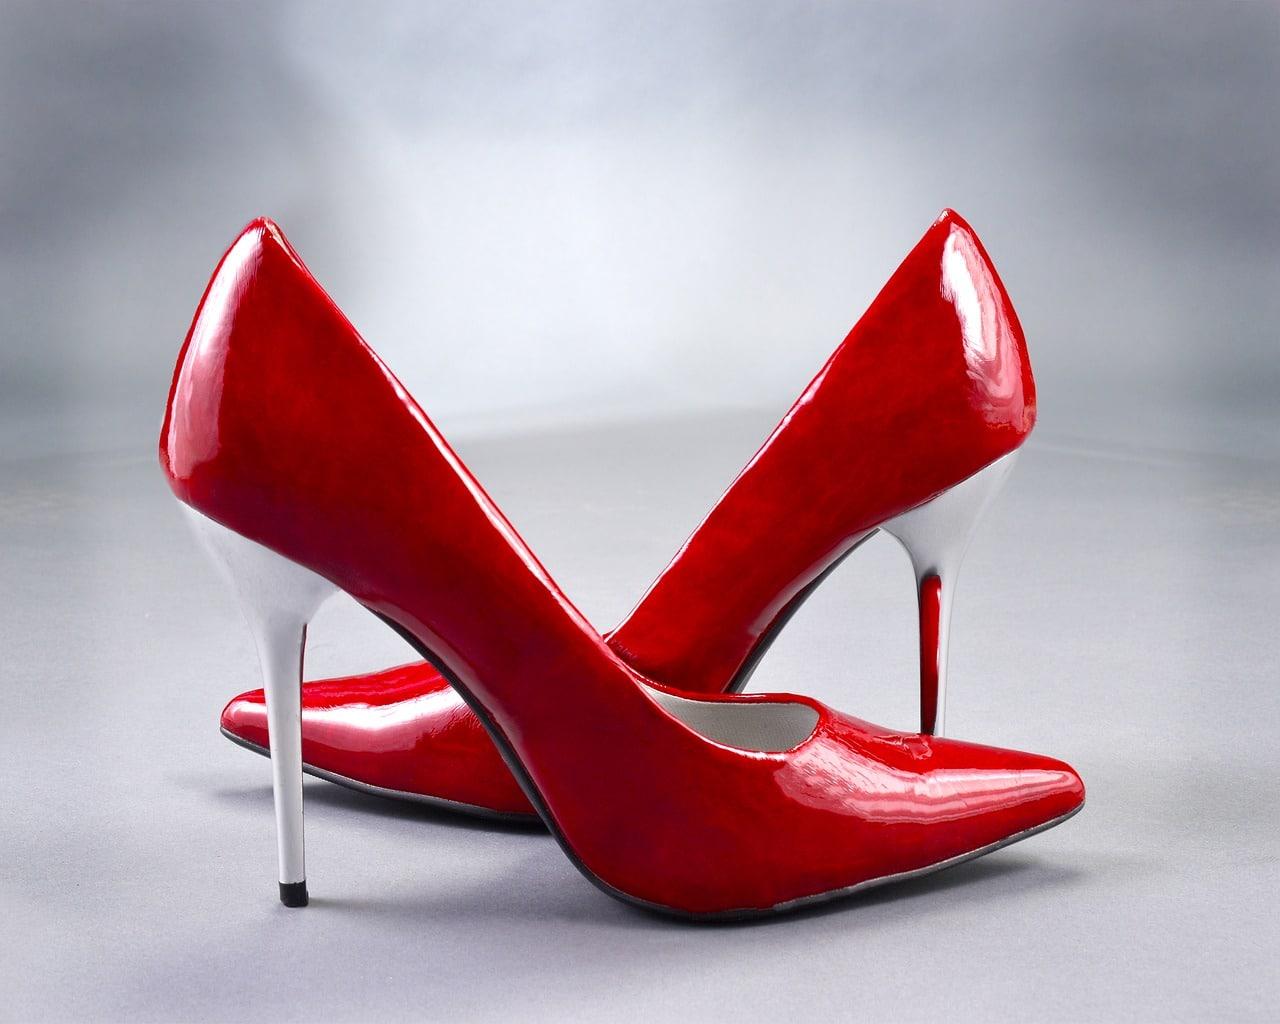 chaussures à talons amovibles: idées de produit à vendre par internet en 2019